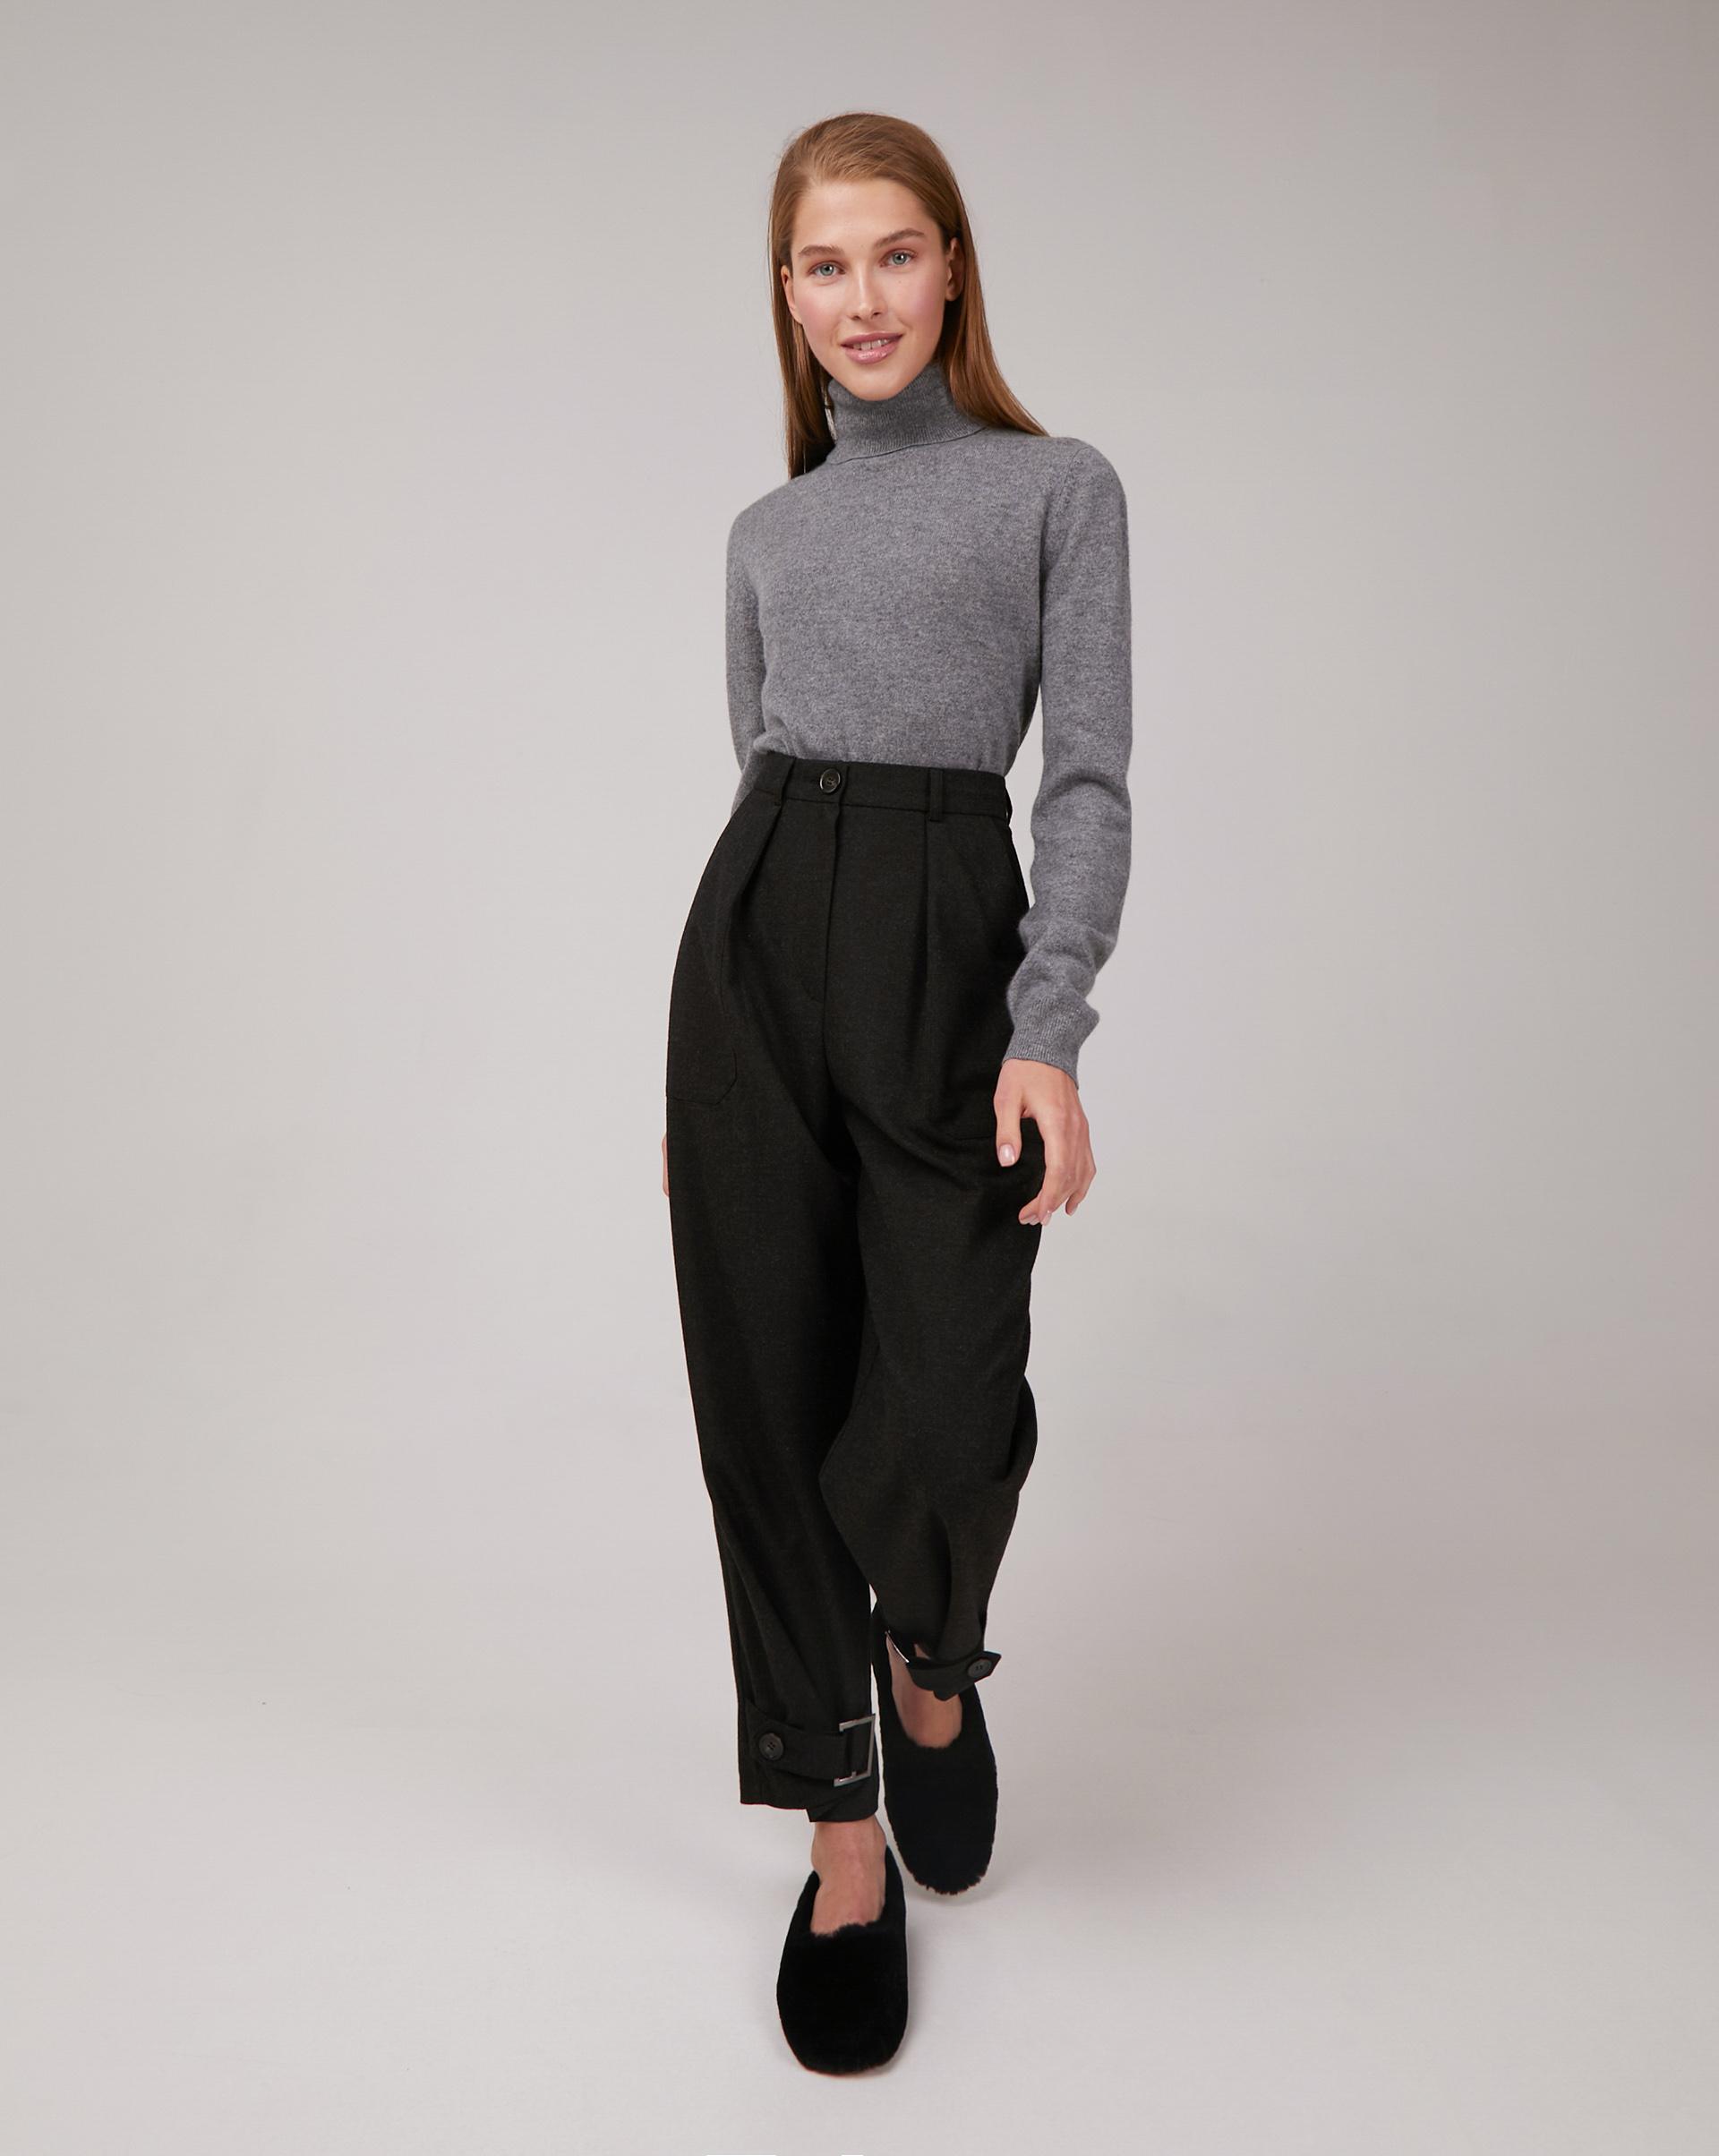 Фото - 12⠀STOREEZ Брюки с регулировками по низу (Темно-серый меланж) брюки в городском стиле из ткани стретч с удлиняющими вырезами